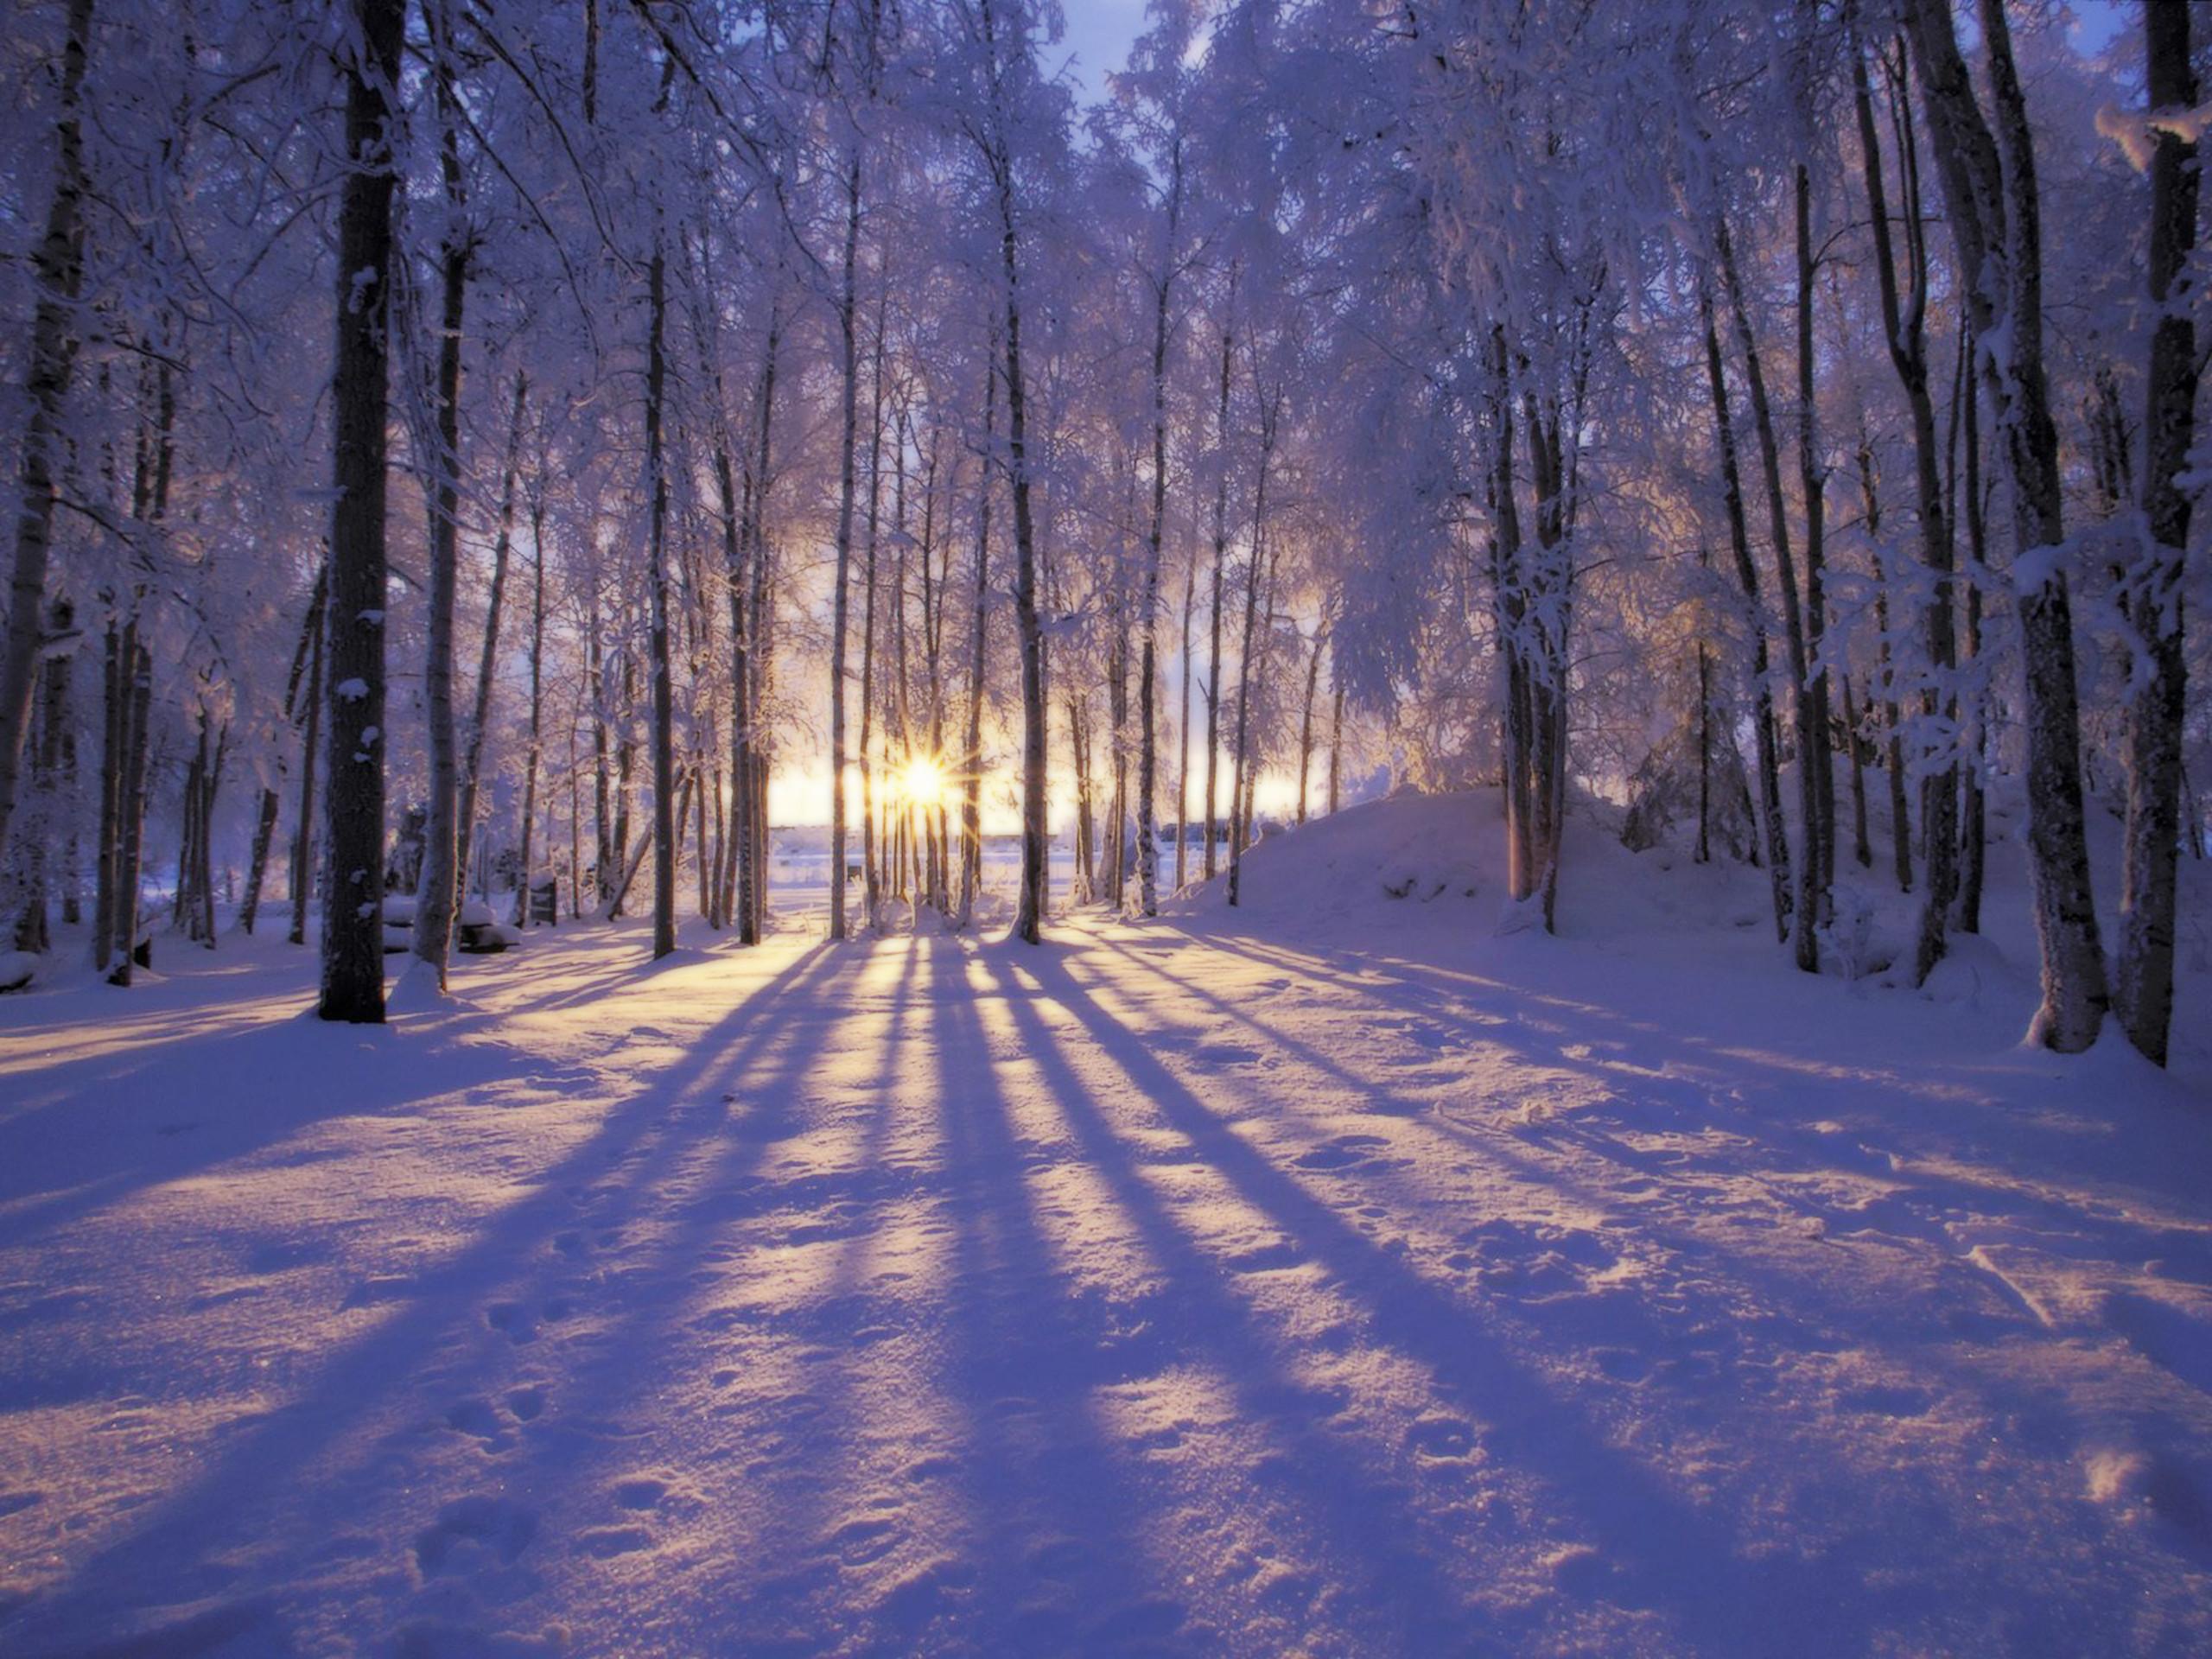 Christmas Winter Scenes Desktop Wallpaper #1